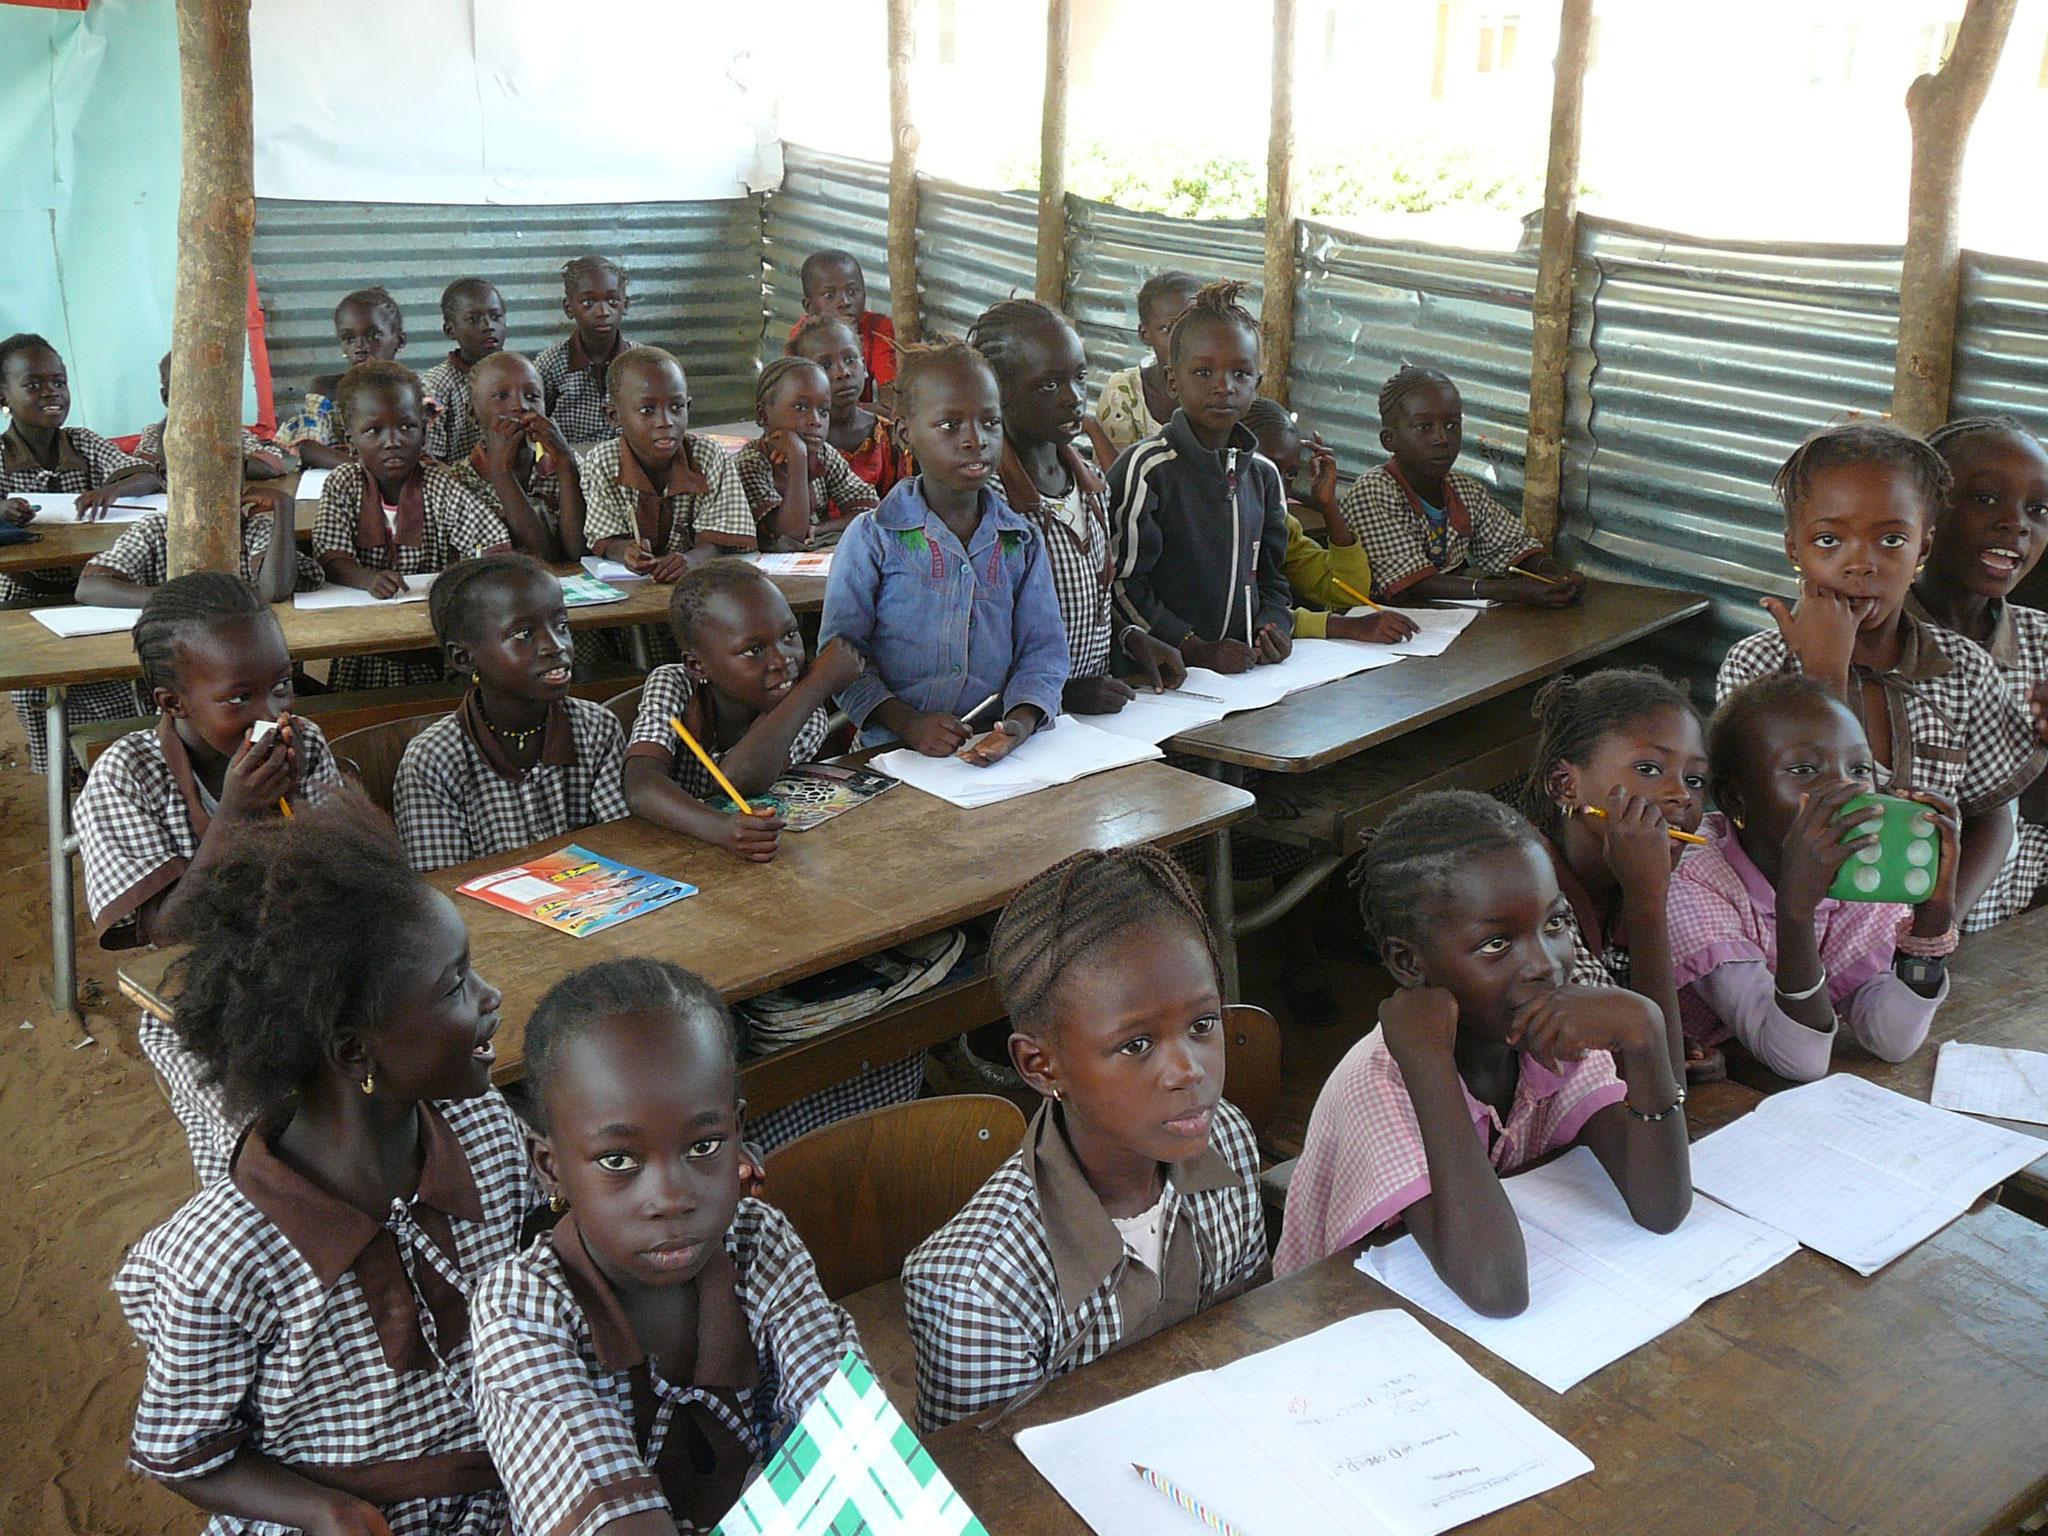 Schüler in von Eltern gebauter Klasse